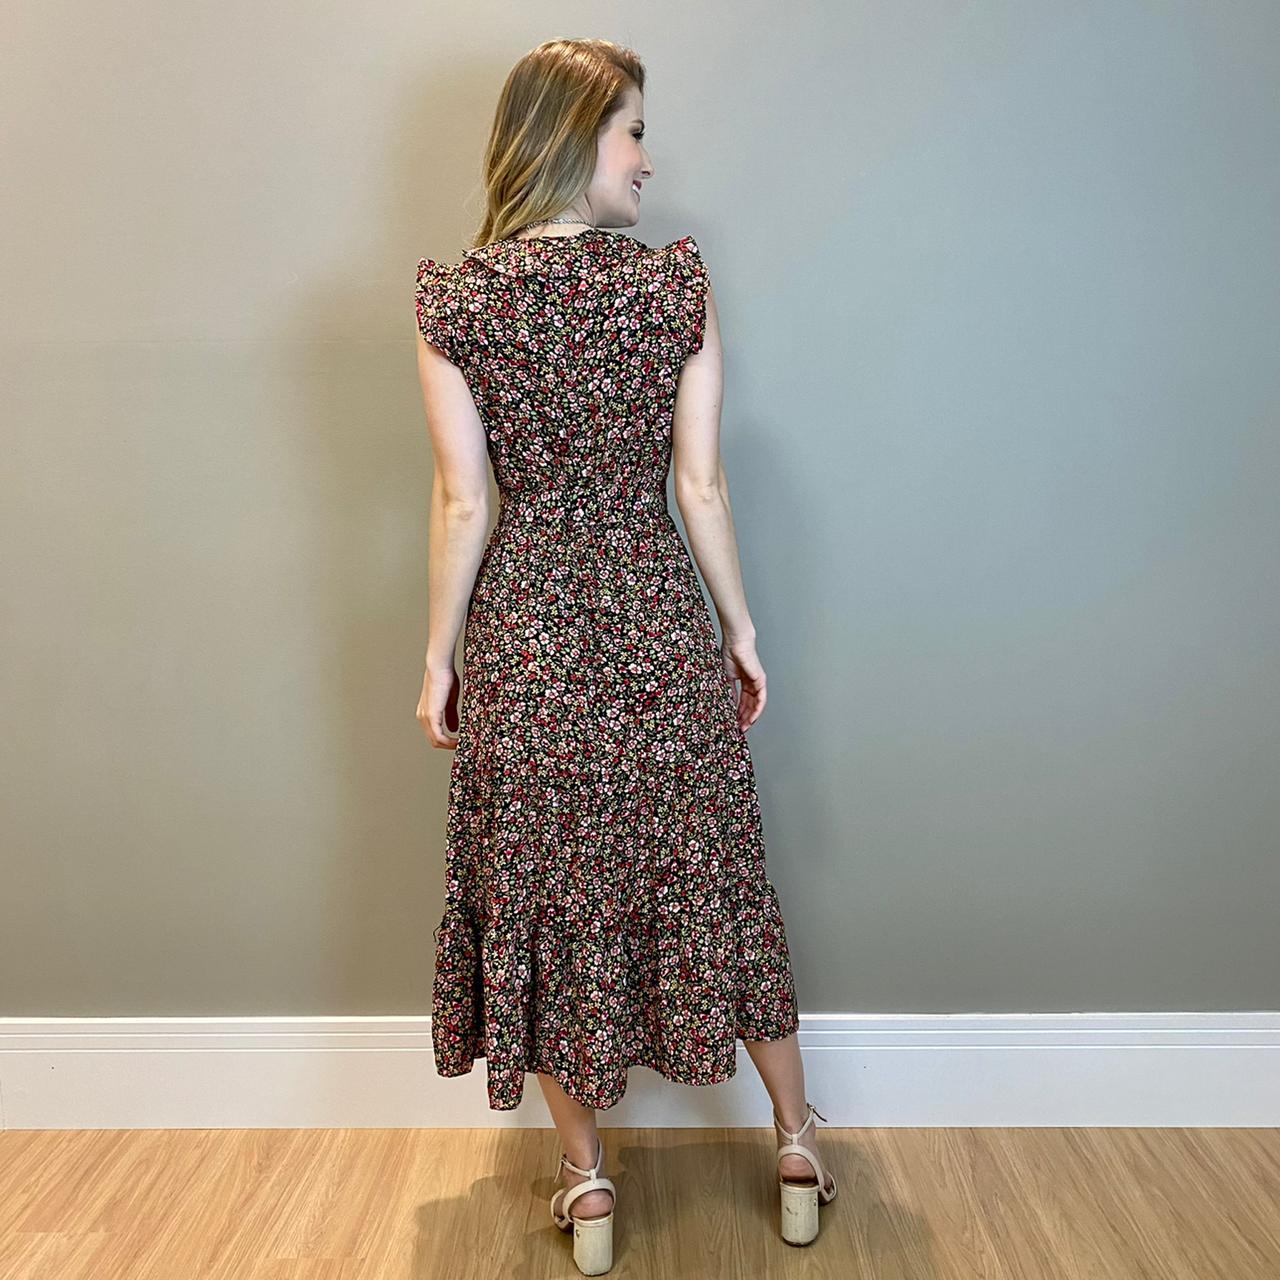 Vestido midi transp. floral Preto -